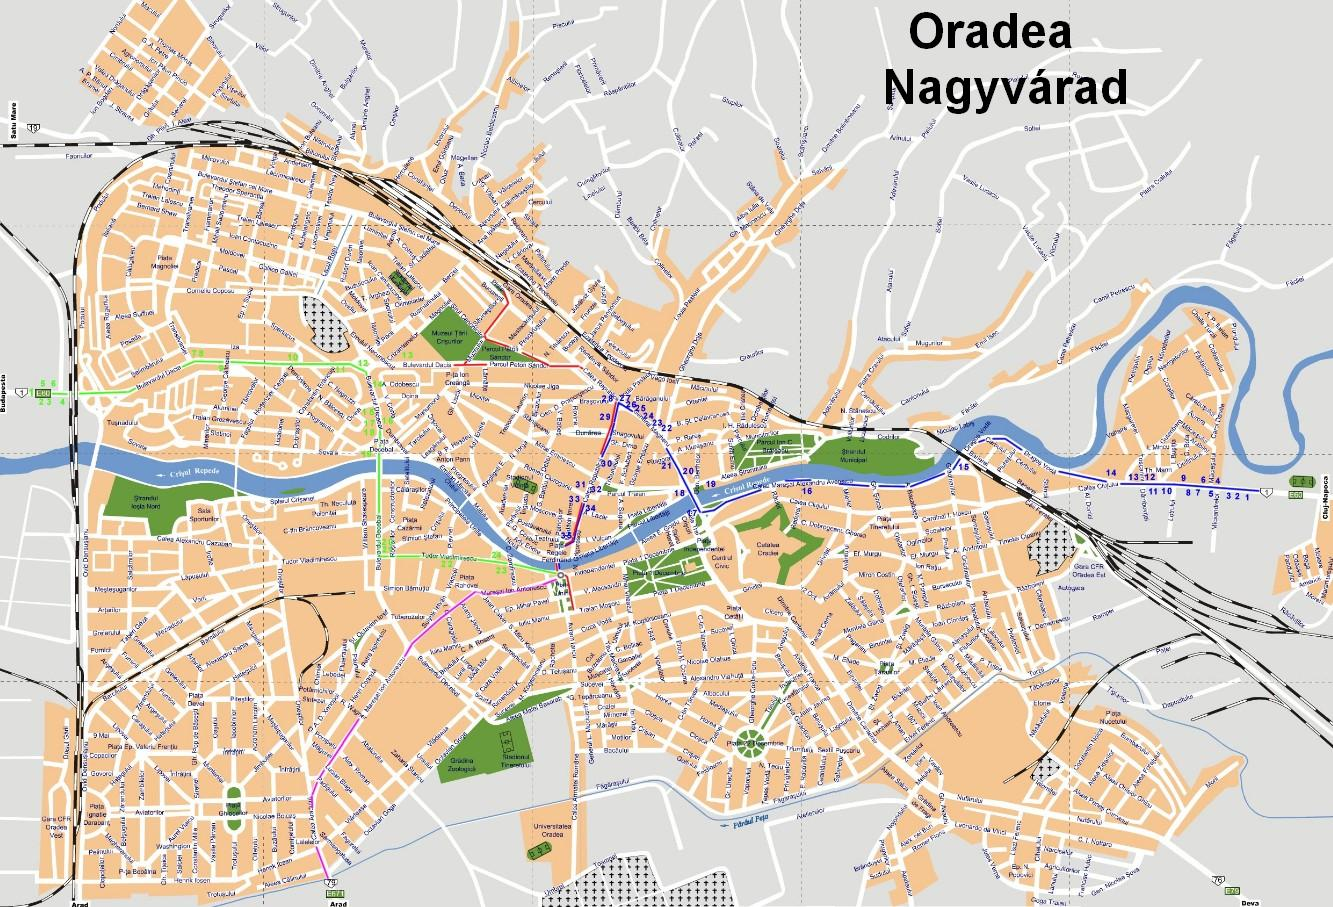 nagyvárad térkép Nagyvárad   Bihar megye   Körös   Kárpátmedence   Románia nagyvárad térkép